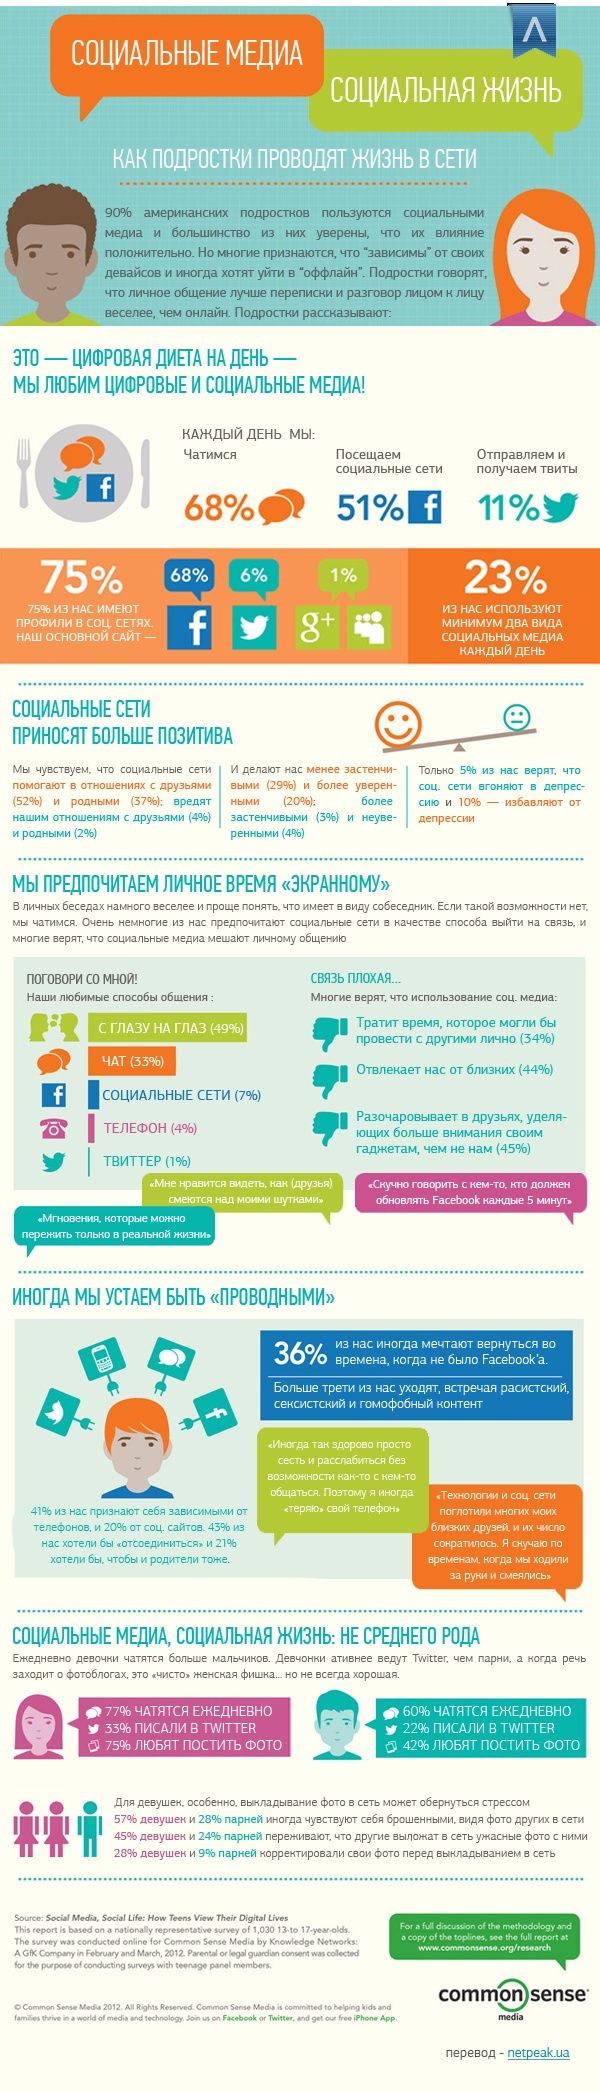 Это инфографика про американских подростков – в основе лежит исследование Common Sense, результаты которого датированы 26.06.2012. Если говорить о российских и украинских подростках – всё очень и очень схоже, разве что вместо Facebook – в почете Вконтакте. Twitter набирает популярность (наравне с «футуброй») и все еще на плаву старые-добрые «жежешечки» и другие блог-платформы.    Подробнее: http://netpeak.ua/blog/socialmedia_infographic